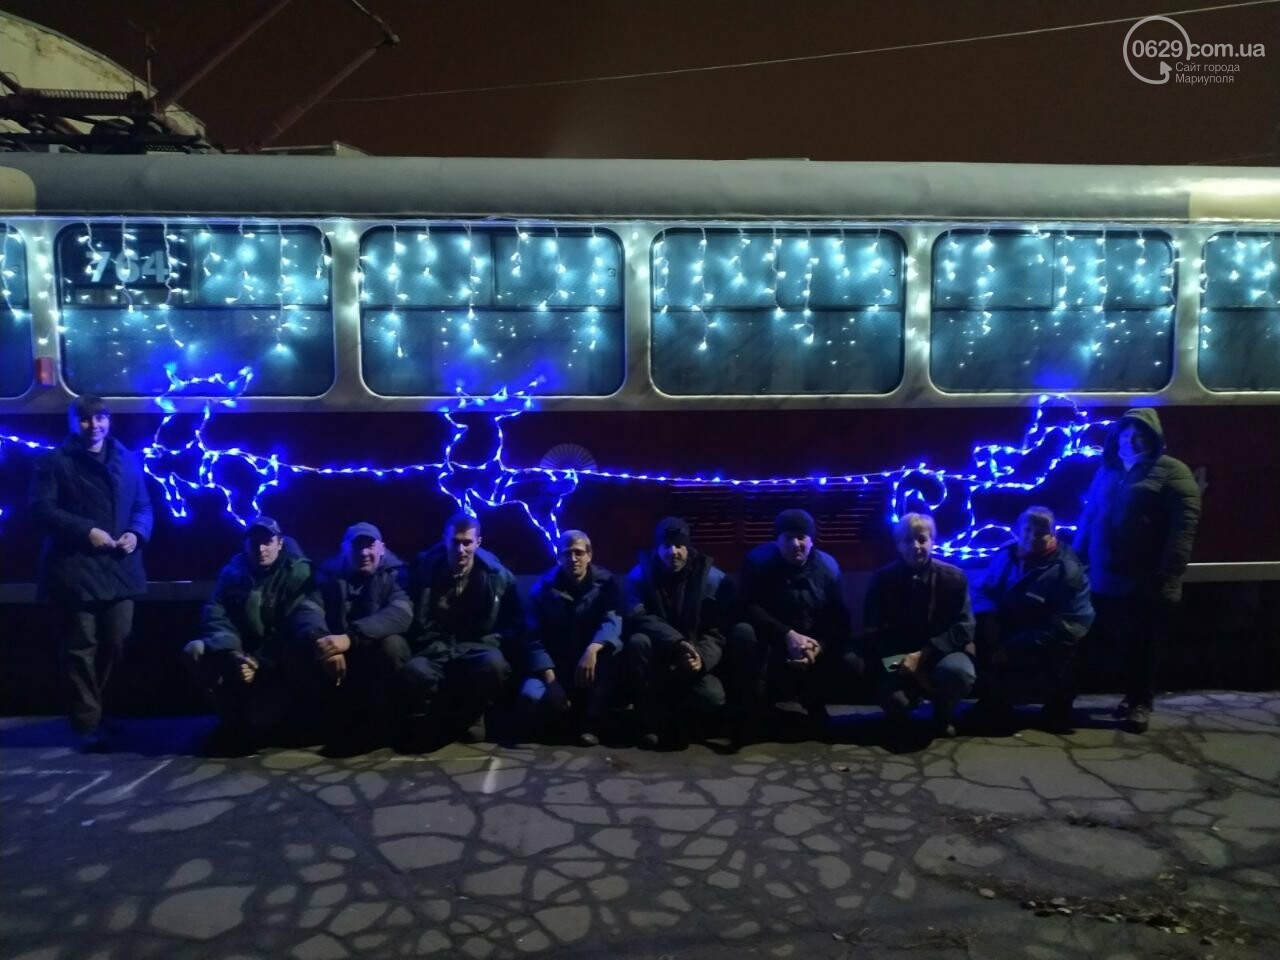 Трамвай желаний. В Мариуполе курсируют уникальные вагоны, - ФОТО, ВИДЕО, фото-5